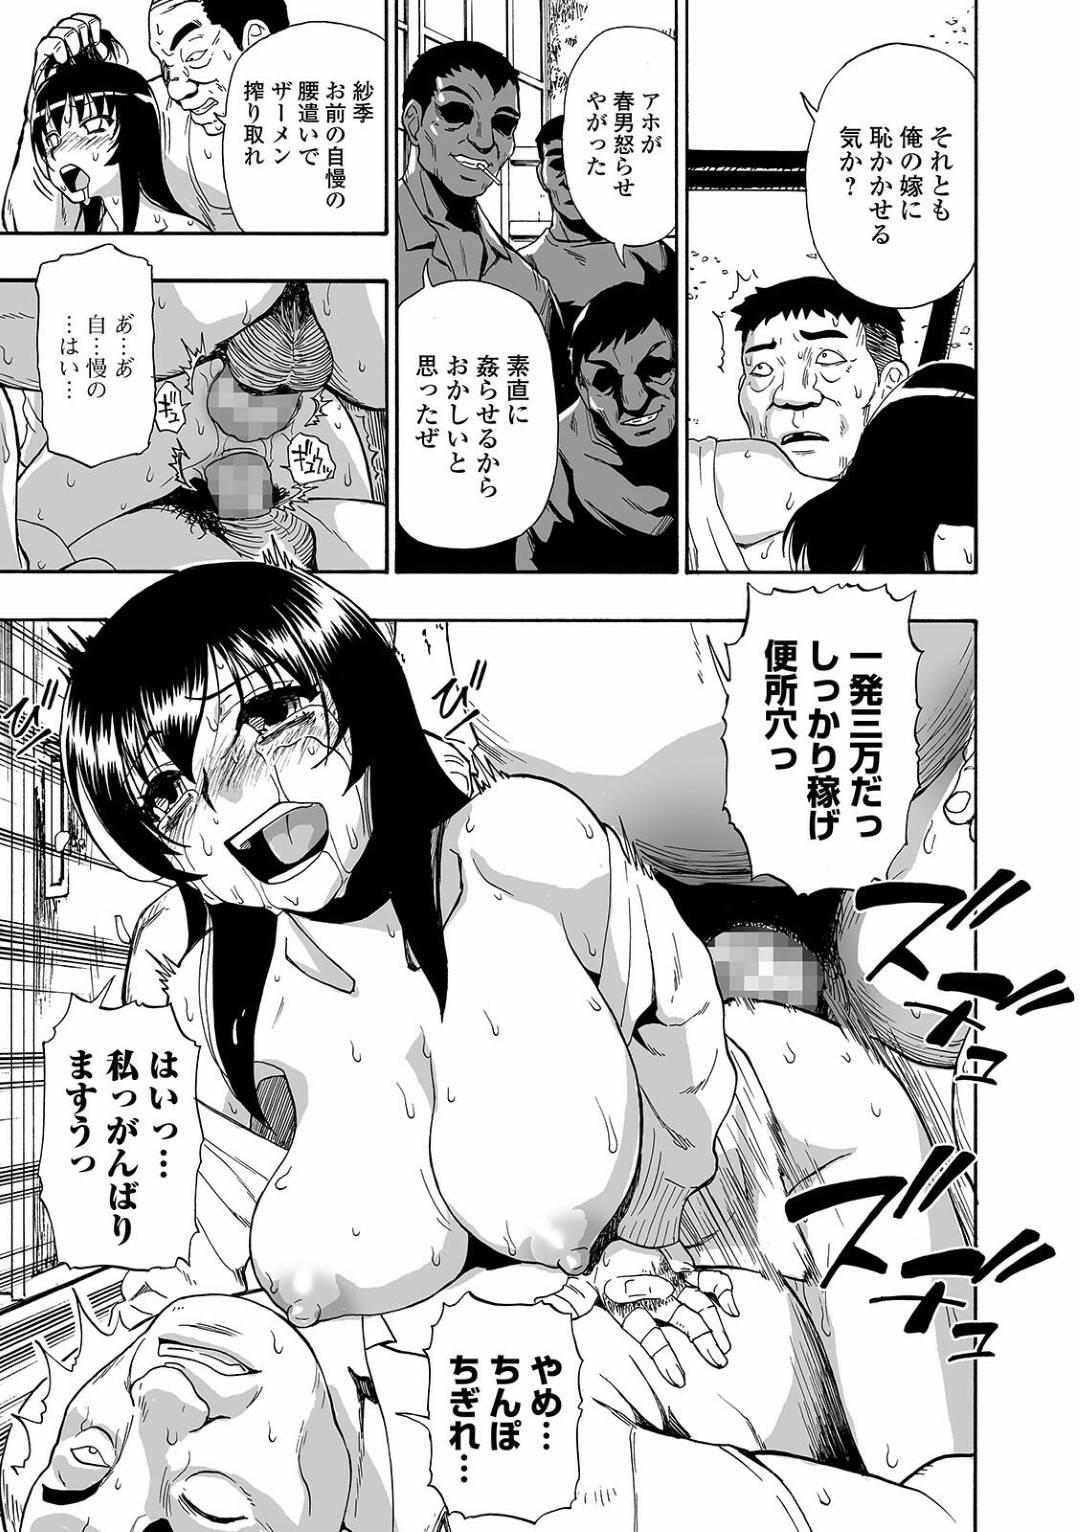 【エロ漫画】男たちから輪姦陵辱を受け続ける巨乳お姉さん…彼女はされるがままにビール瓶をアナル挿入されたり、イラマされたり、中出しセックスさせられたりと肉便器扱いを受ける!